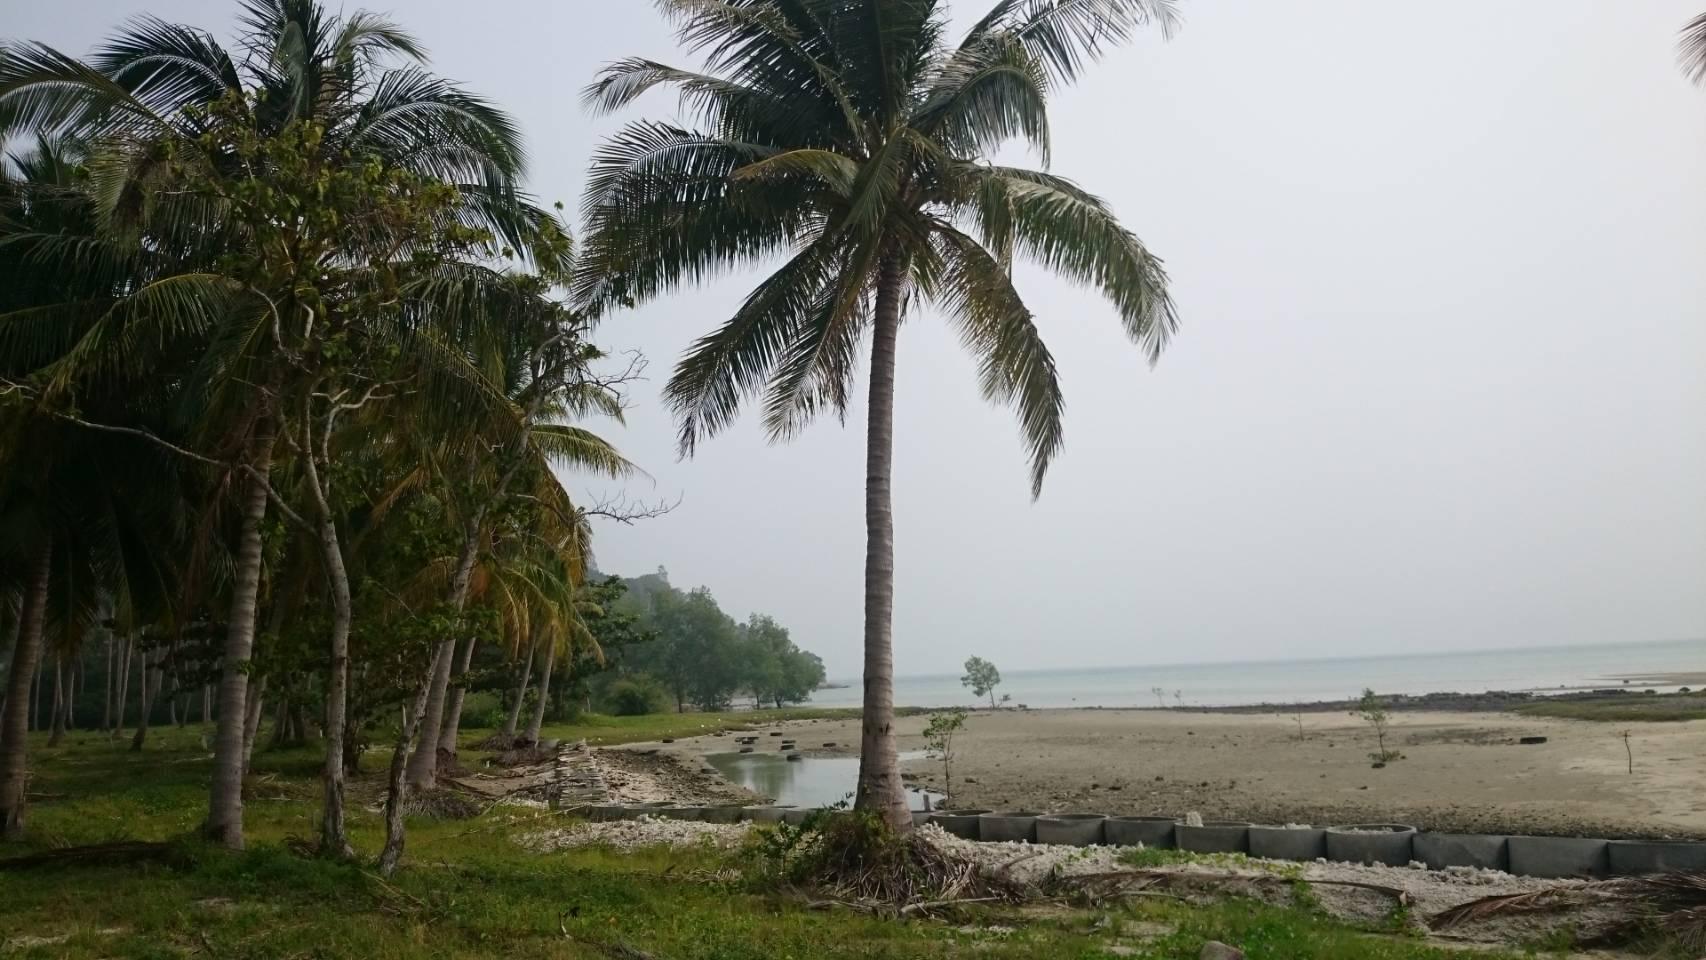 ขายที่ดินติดหาดท้องกรูท เกาะสมุย 2